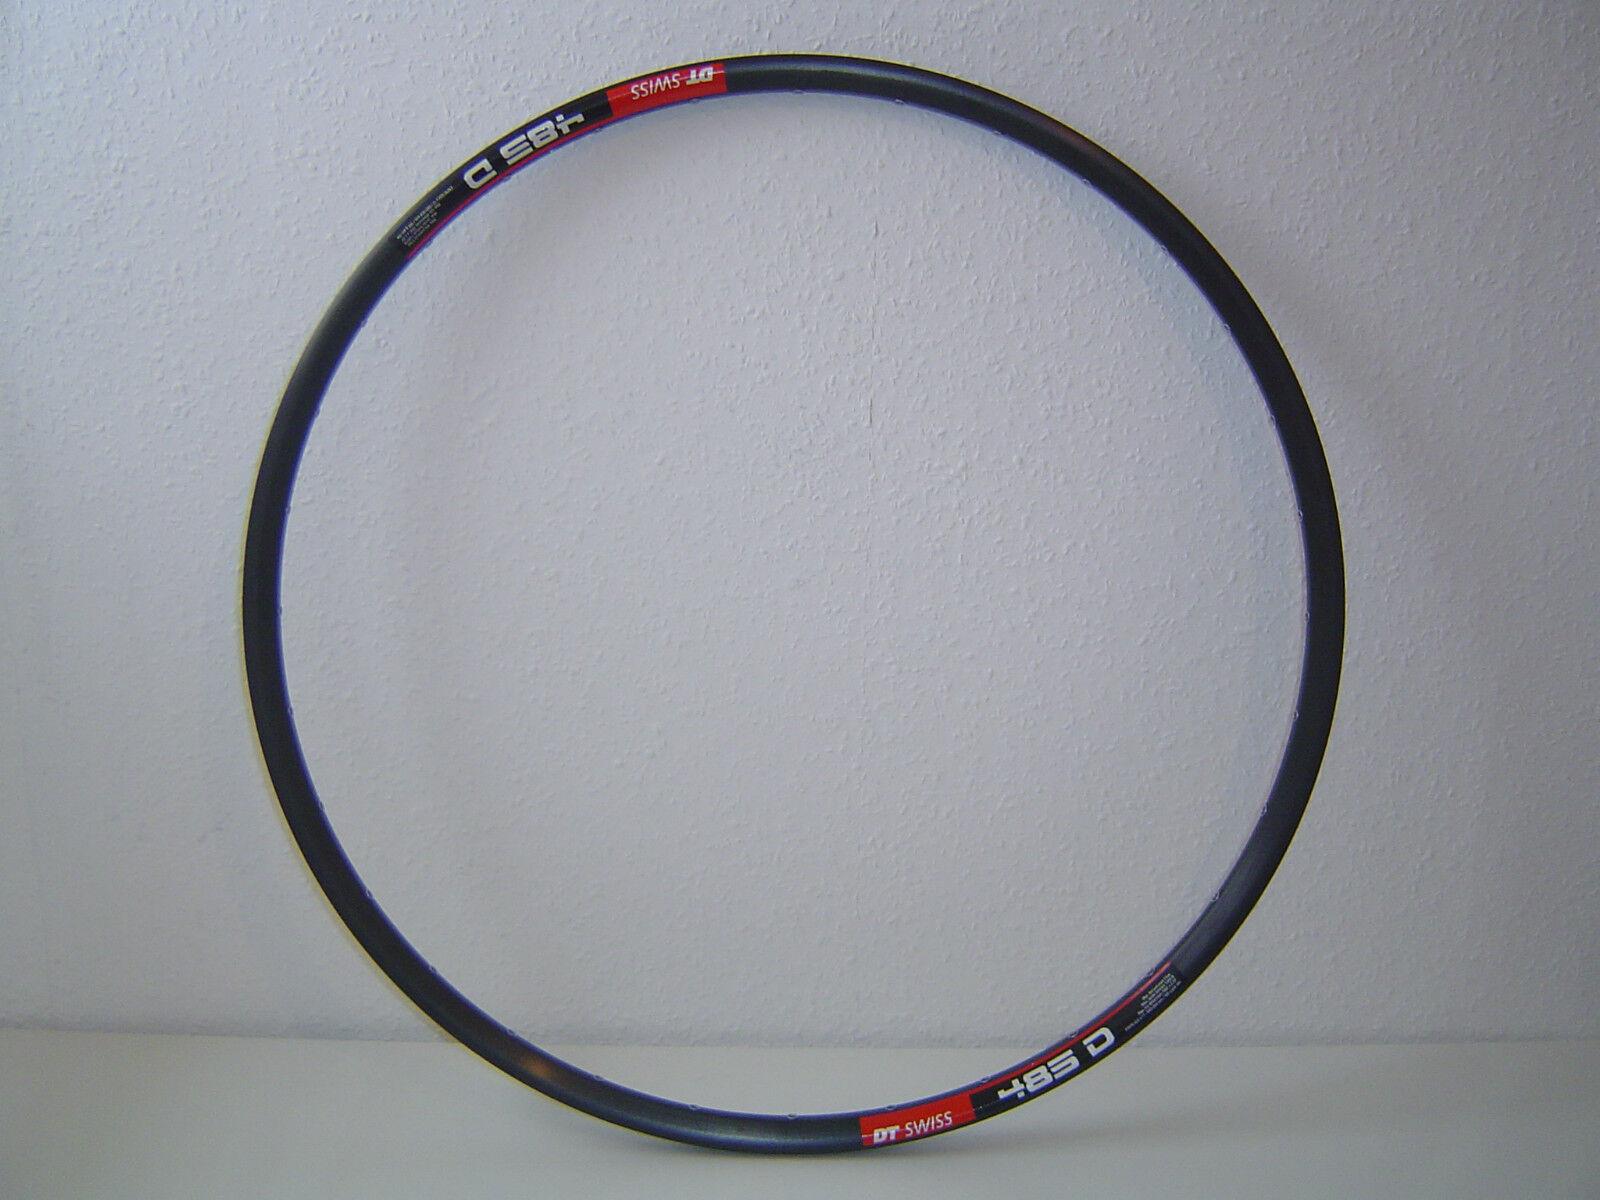 Stabile DT Swiss 485-D Disc 29   28 Zoll Felge 32 Loch black Neu